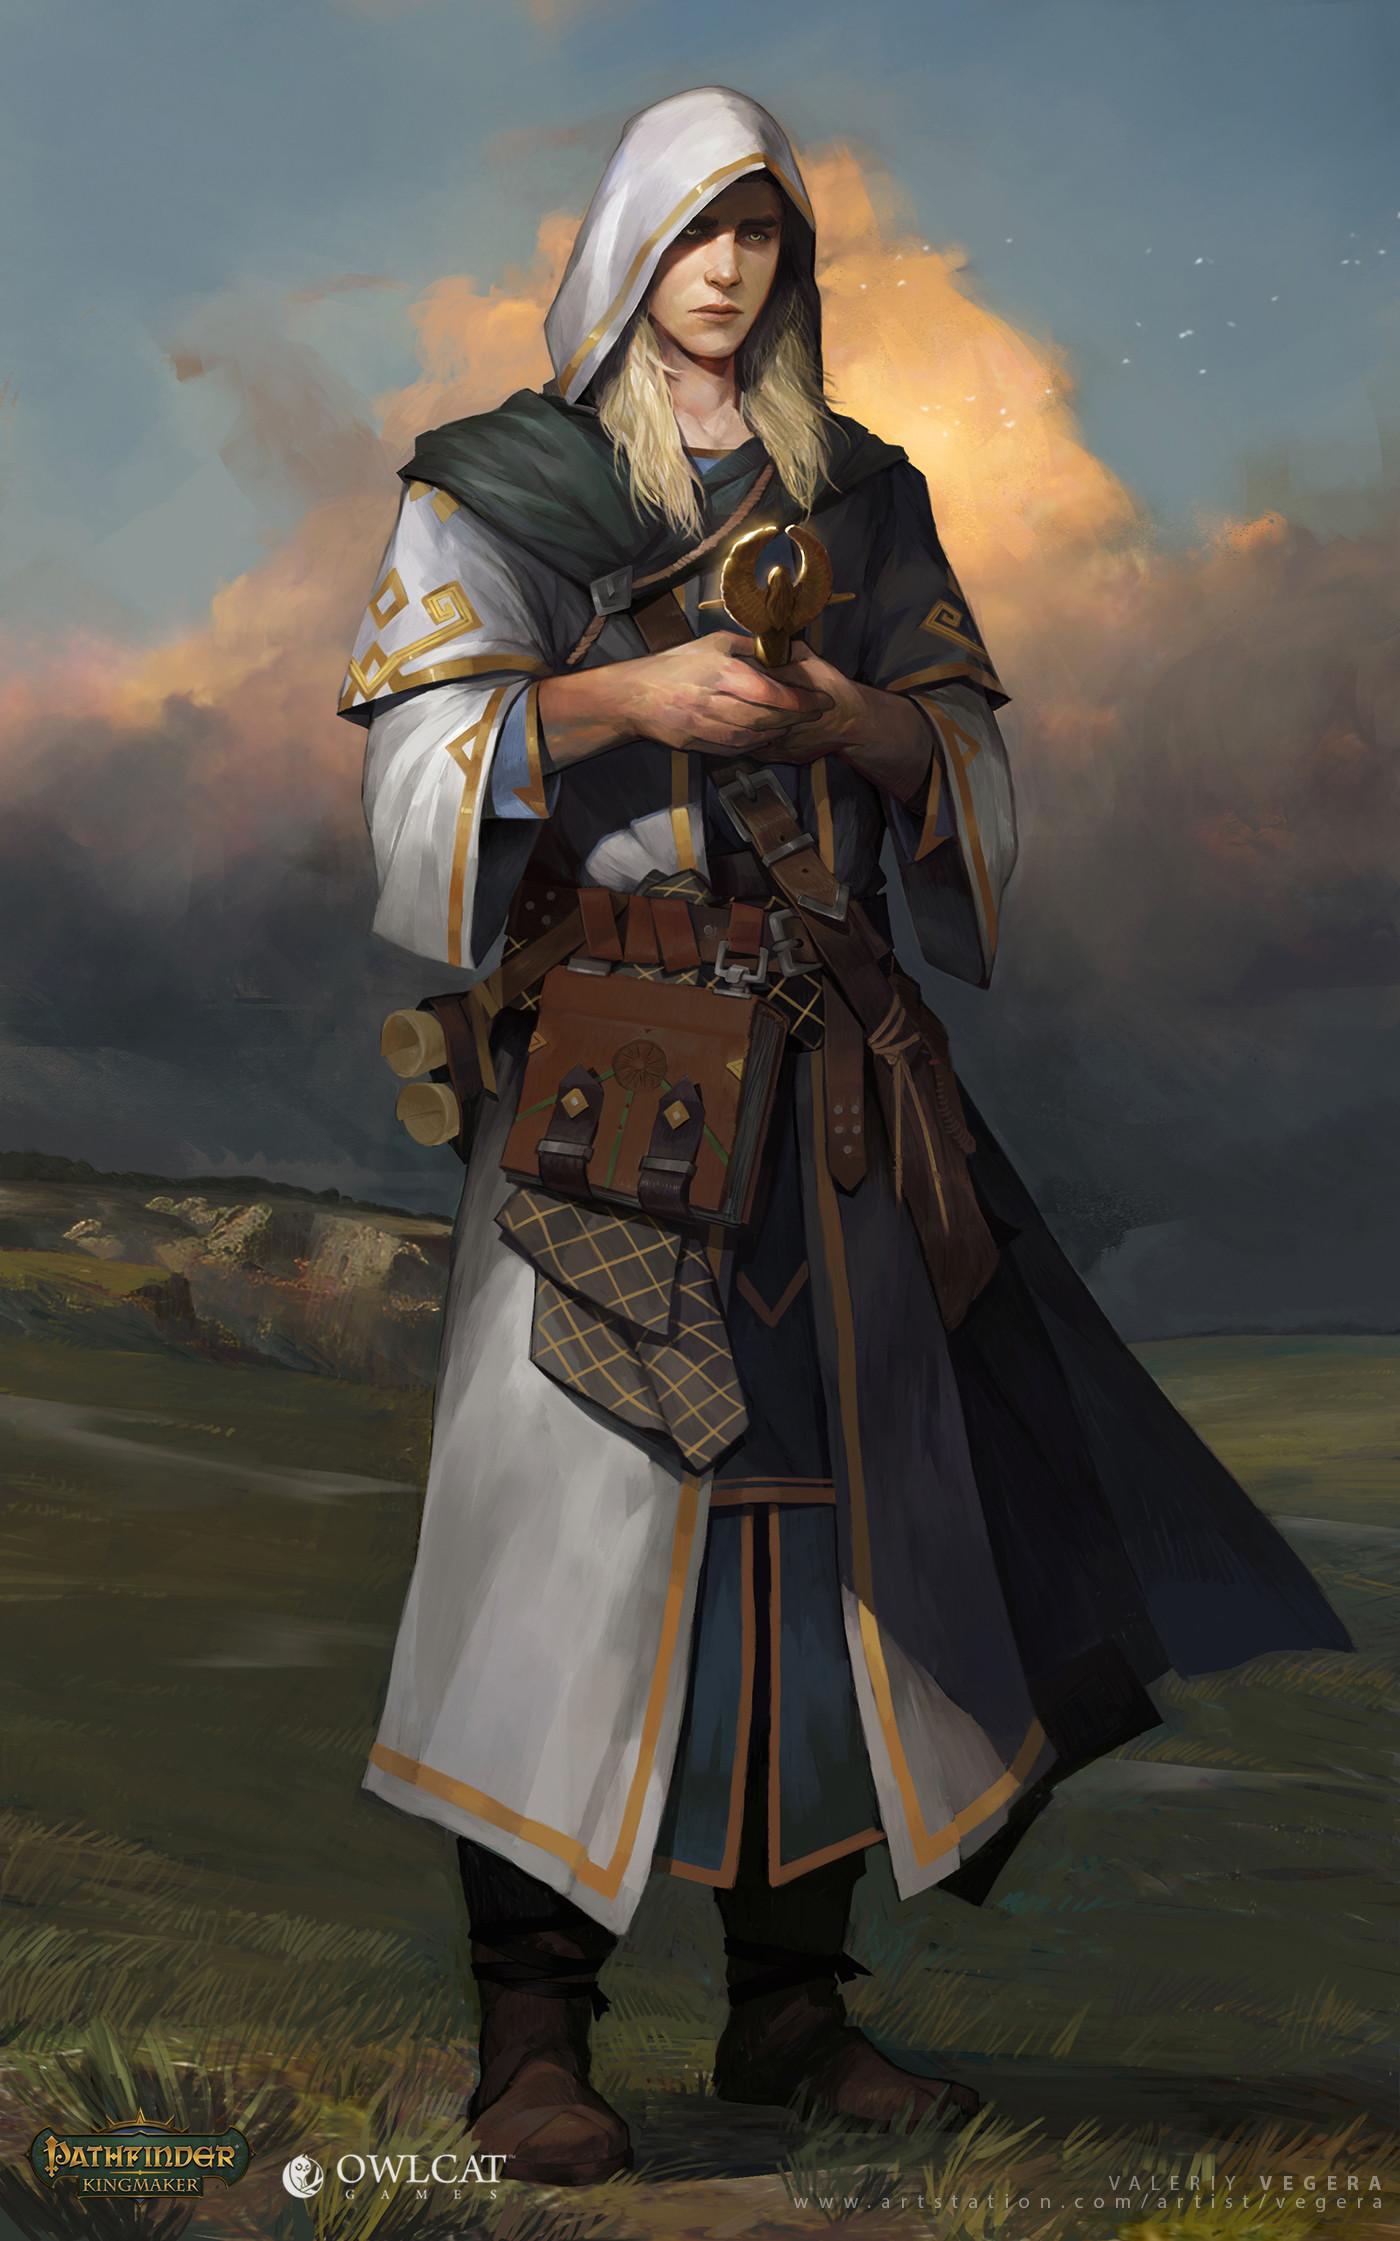 Aasimar Sorcerer mikhael - fallen aasimar divine soul sorcerer - myth-weavers